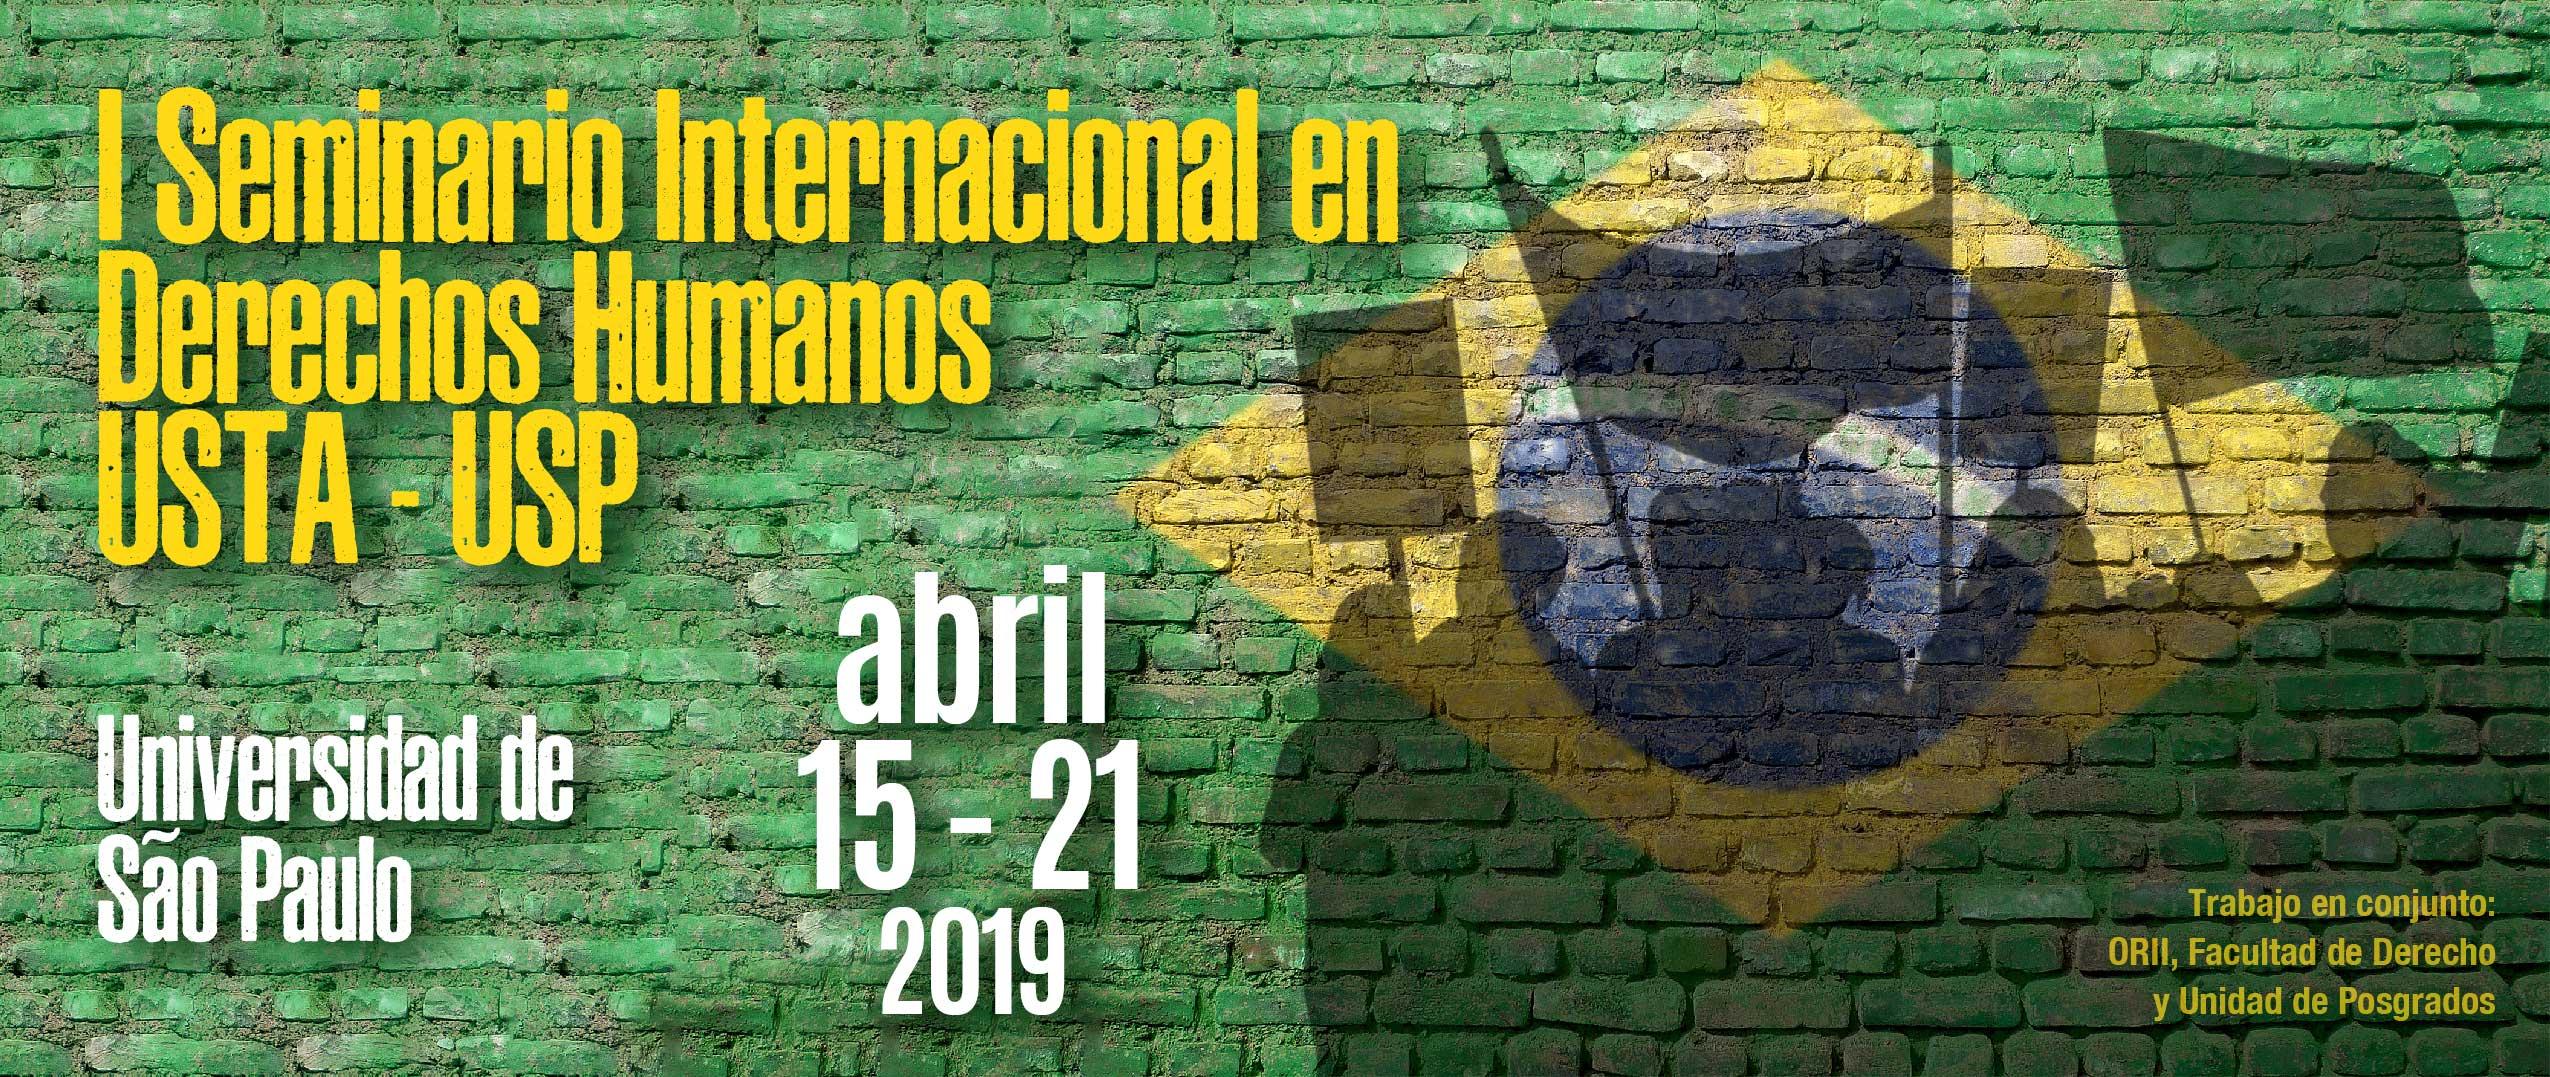 Международный семинар по правам человека usta usp 1